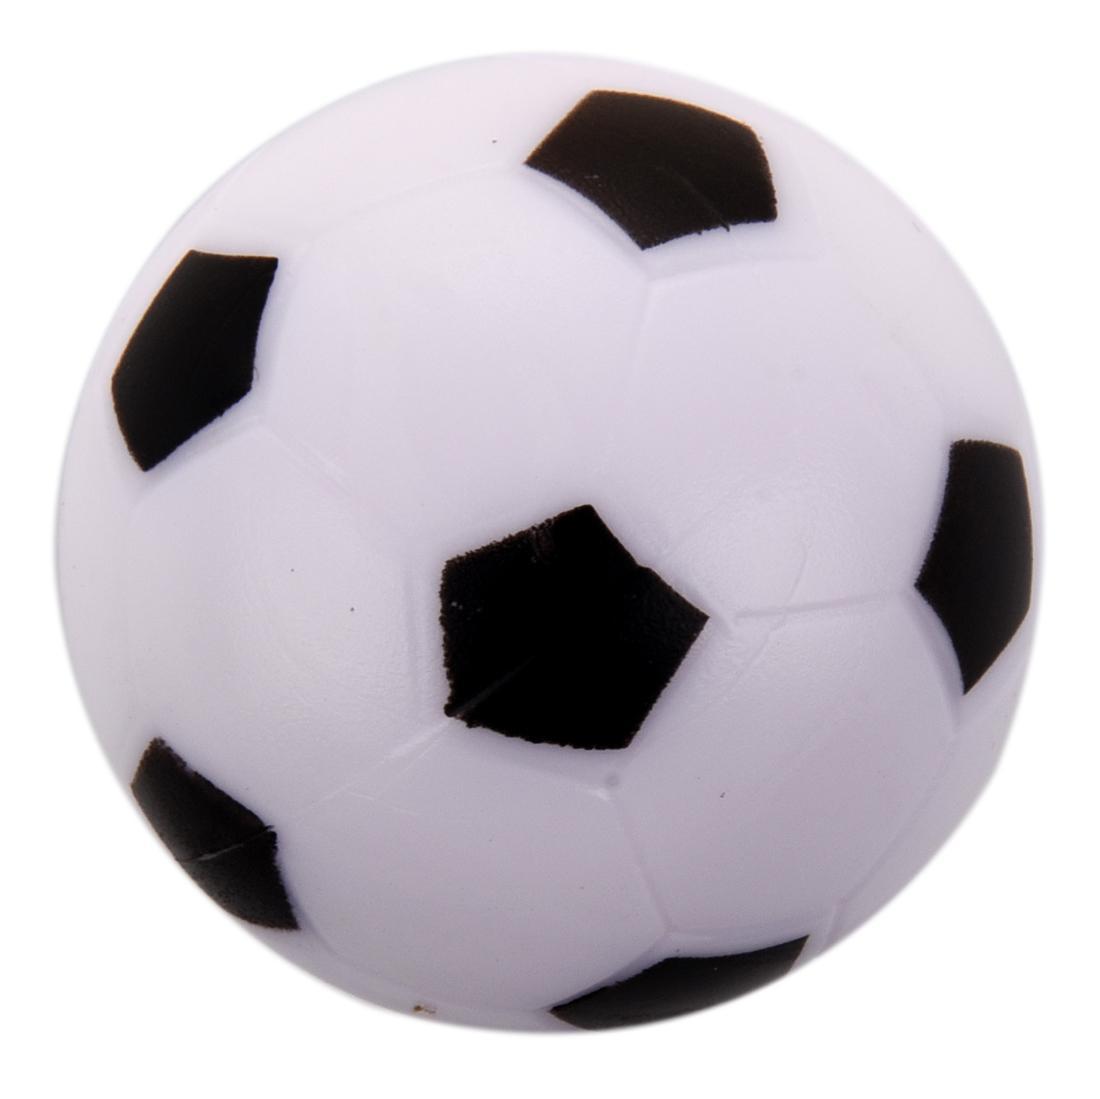 Compre Venta Al Por Mayor Pequeño Balón De Futbol De Futbolín Balón  Plástico Homo Duro Logue Juego De Niños Juguete Negro Blanco A  31.98 Del  Superfeel ... 105edf03446fe